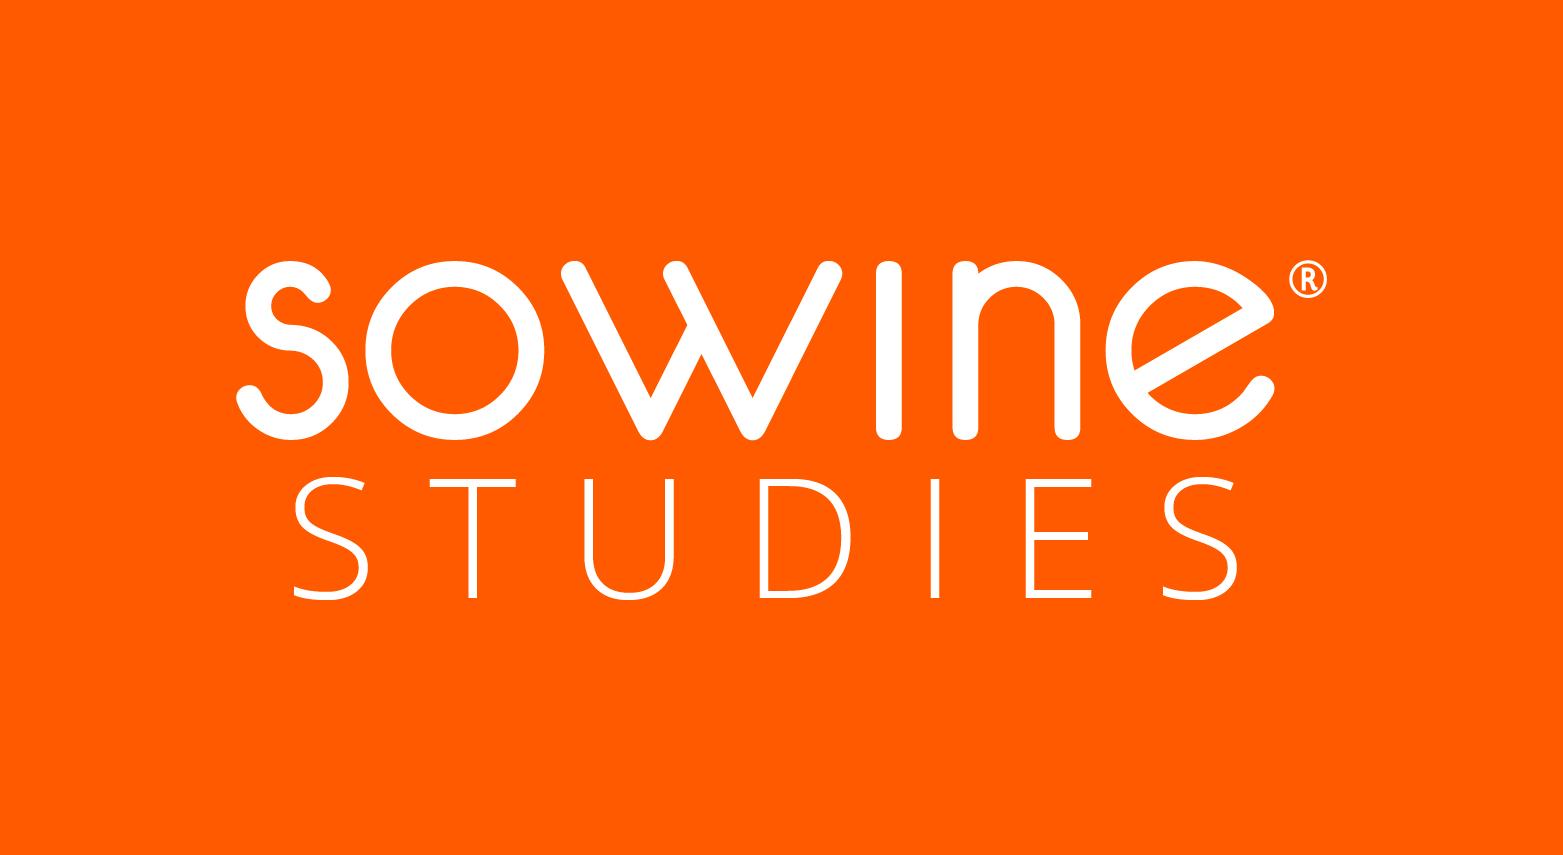 SOWINE Studies